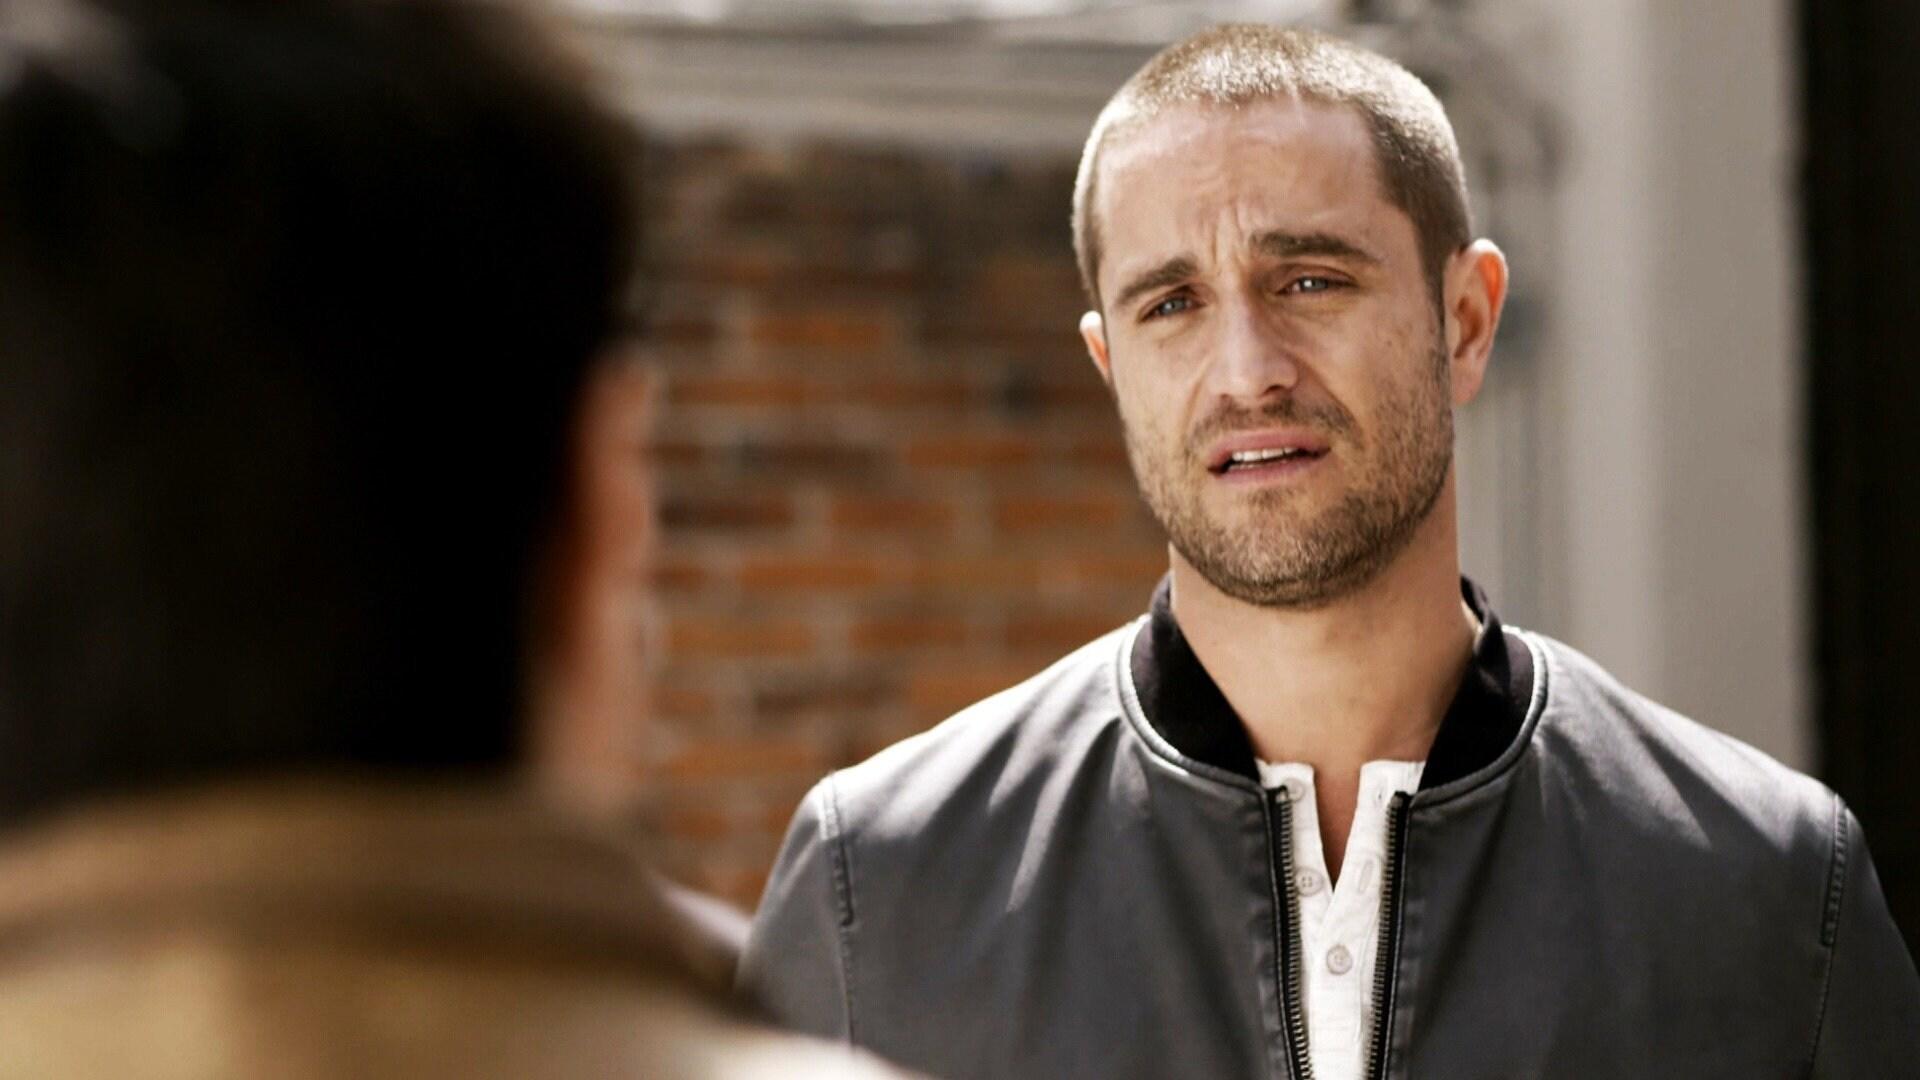 Gerardo sufre por el secuestro de su esposa Bibiana